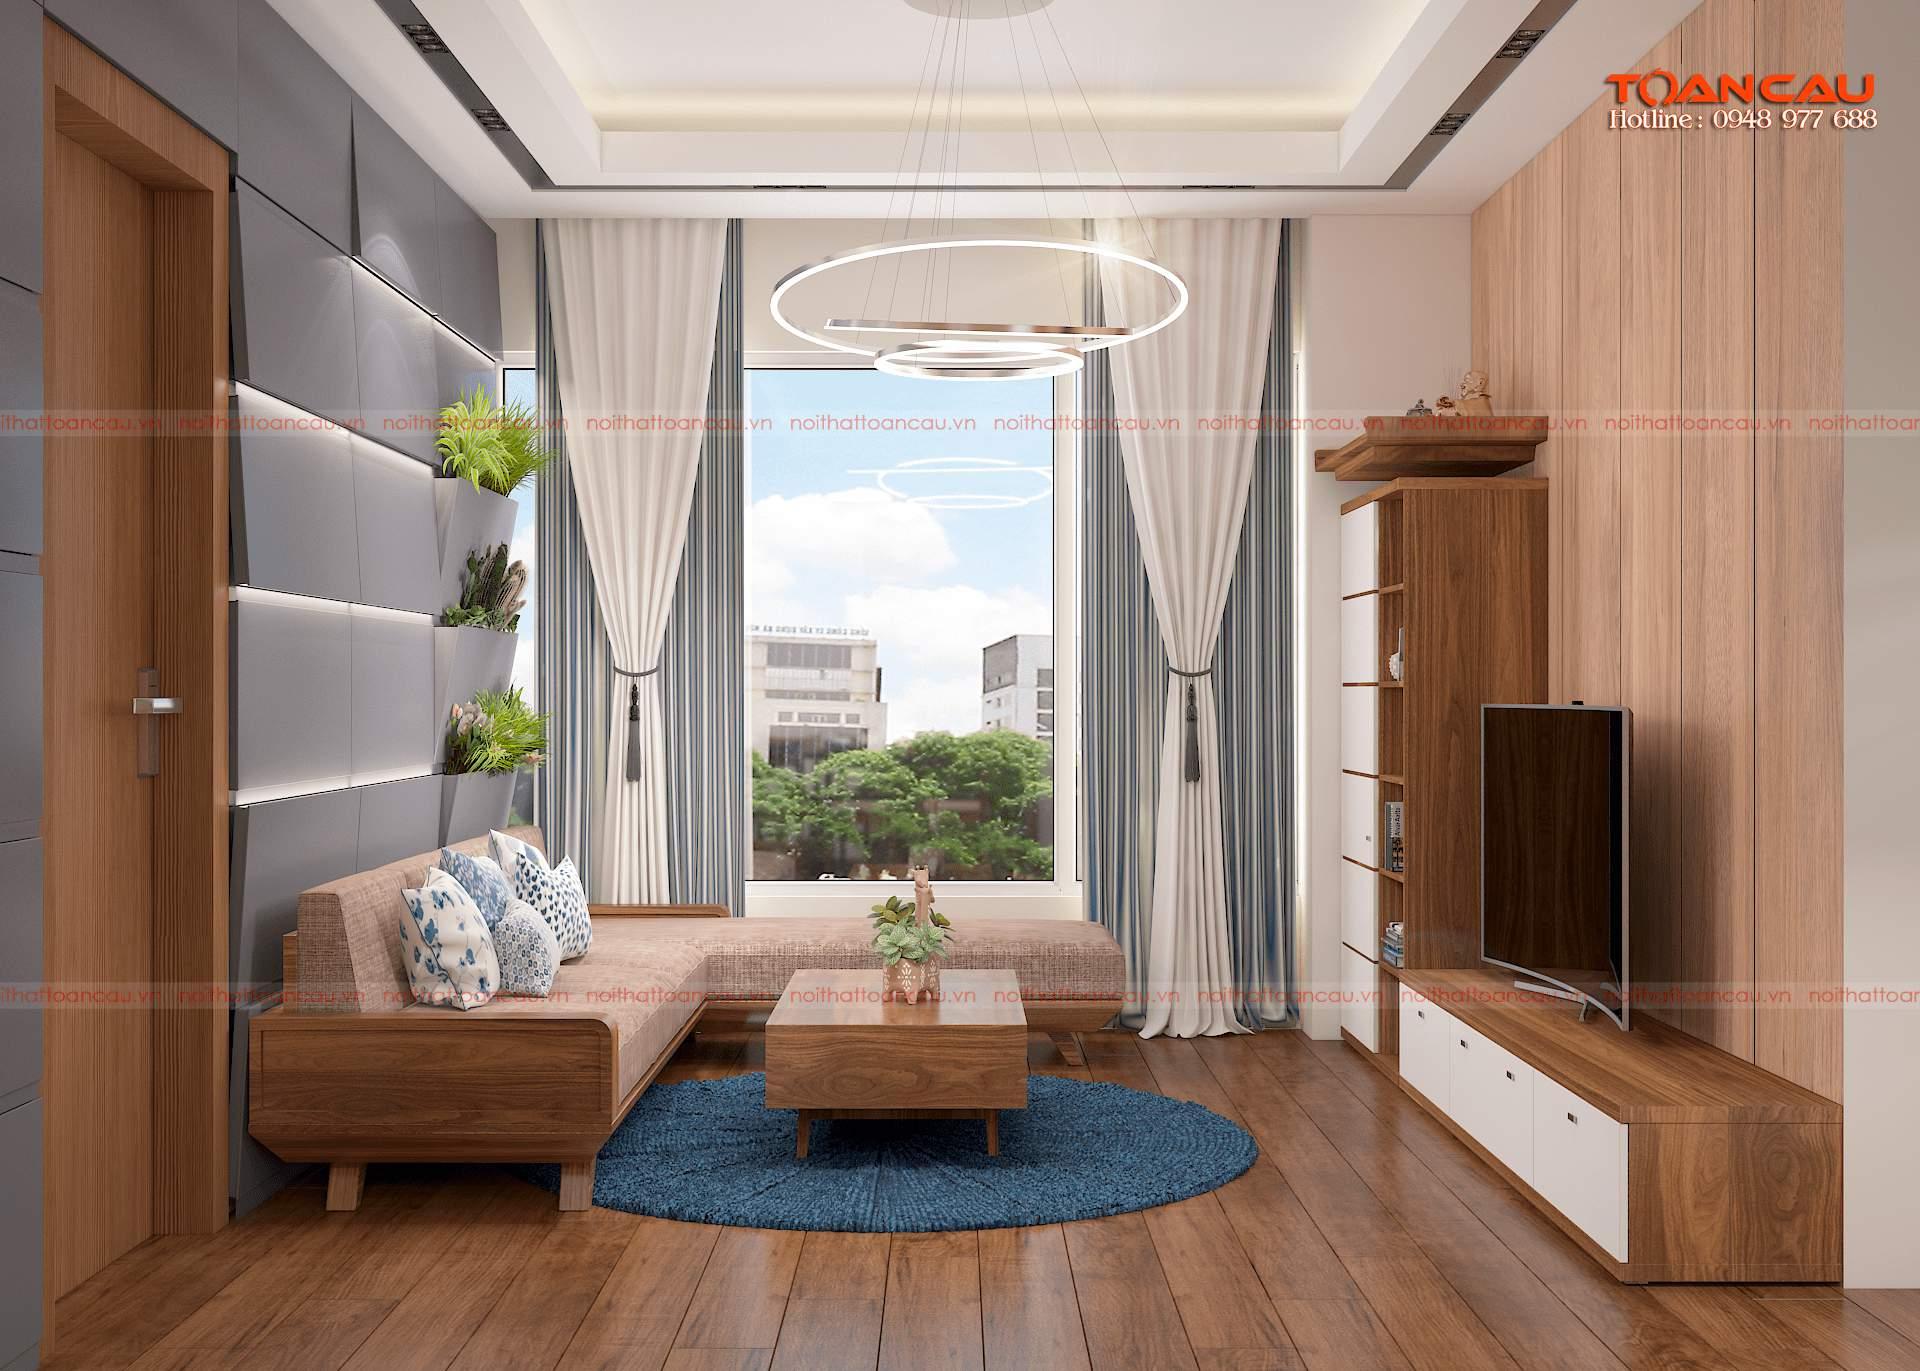 Thiết kế những chiếc đèn chùm giúp căn phòng trở nên sang trọng hơn